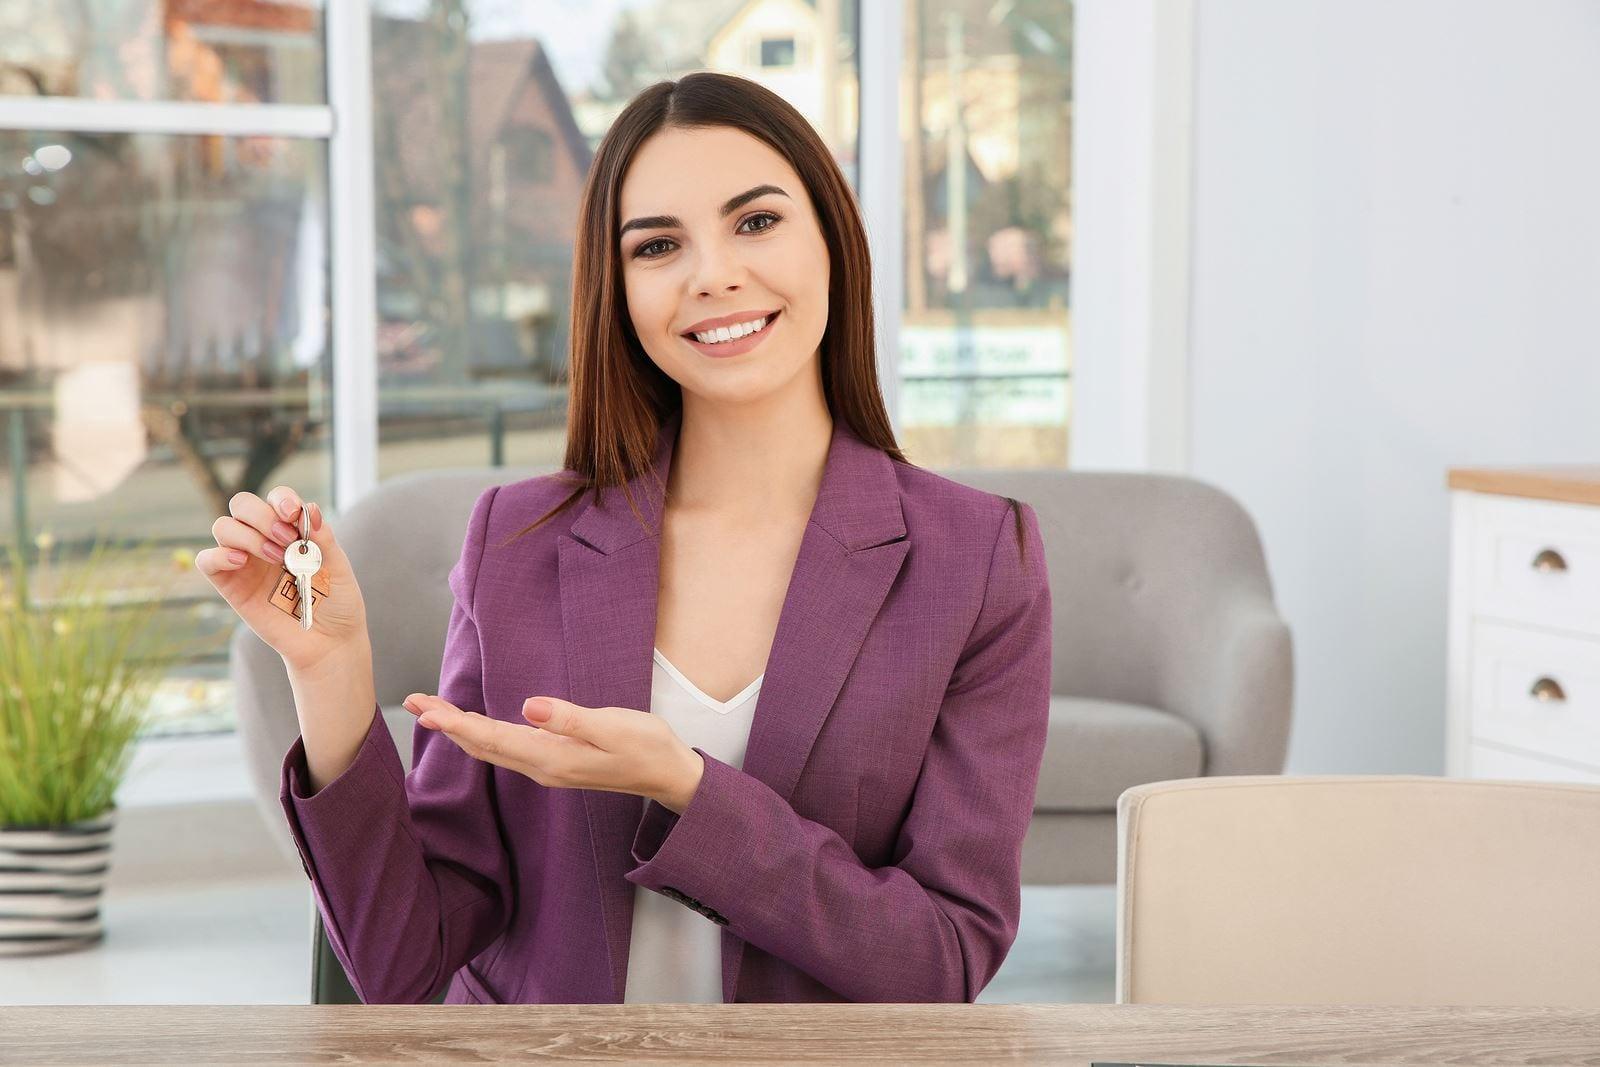 Pse gjithnjë të duhet një agjent profesional për të realizuar me sukses transaksionin e pronës?